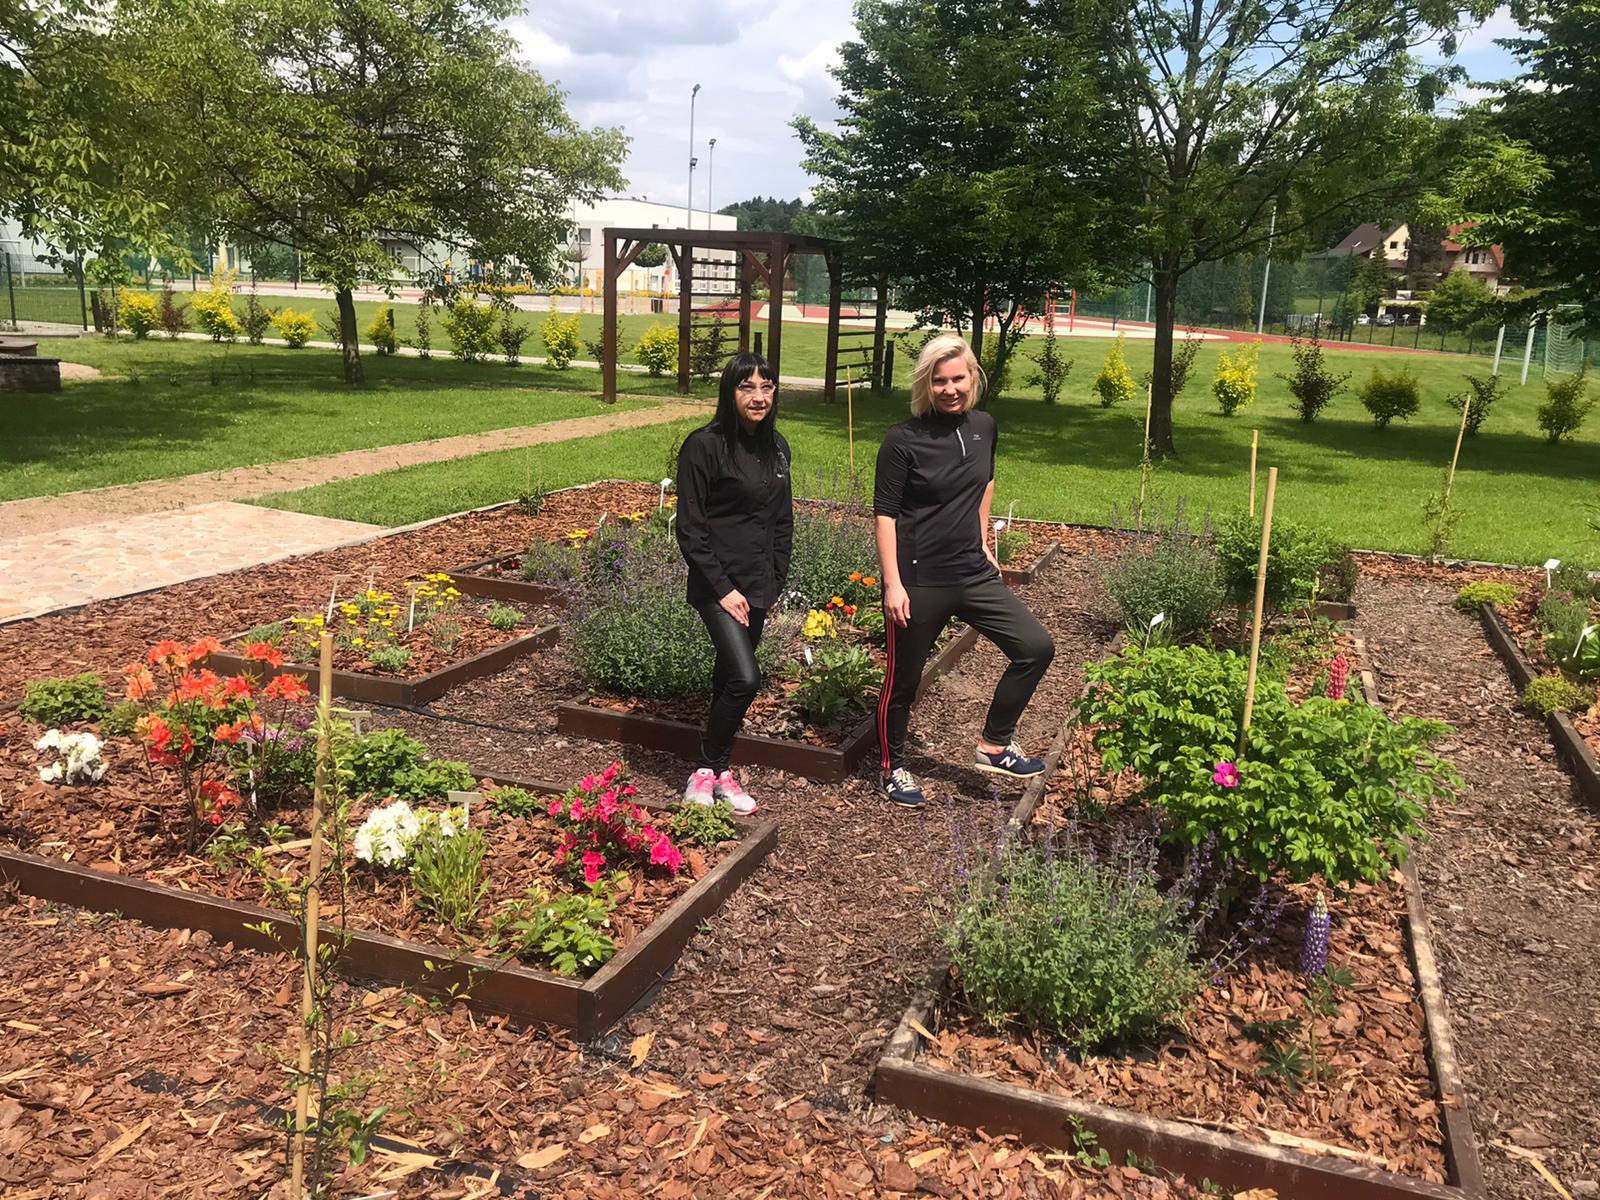 dwie kobiety ubrane na czarno w ogrodzie z kwiatami i ziołami